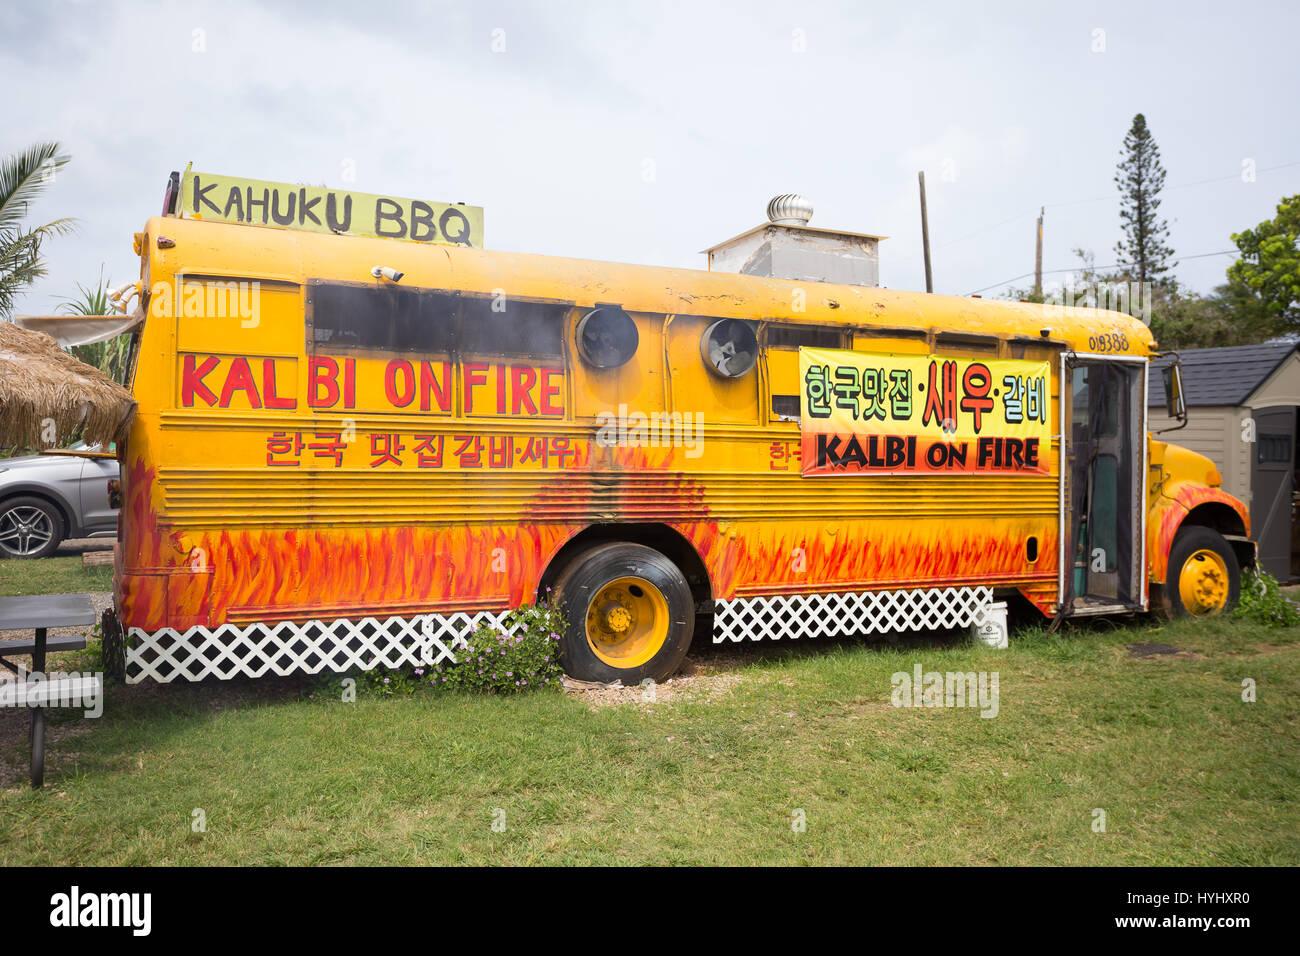 Bbq kalbi food truck